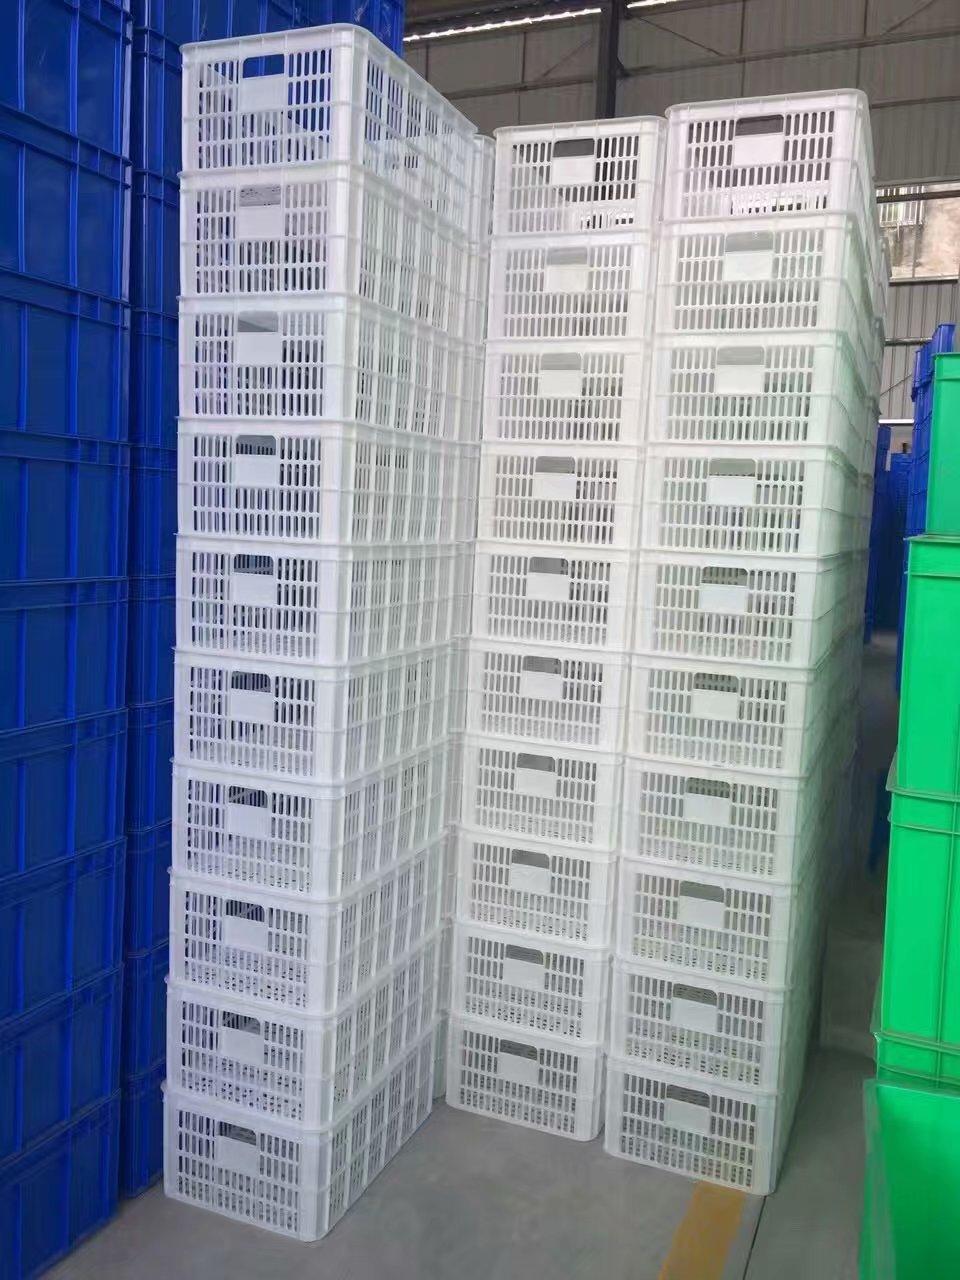 廣州周轉籮廠-珠海報價合理的周轉籮供應